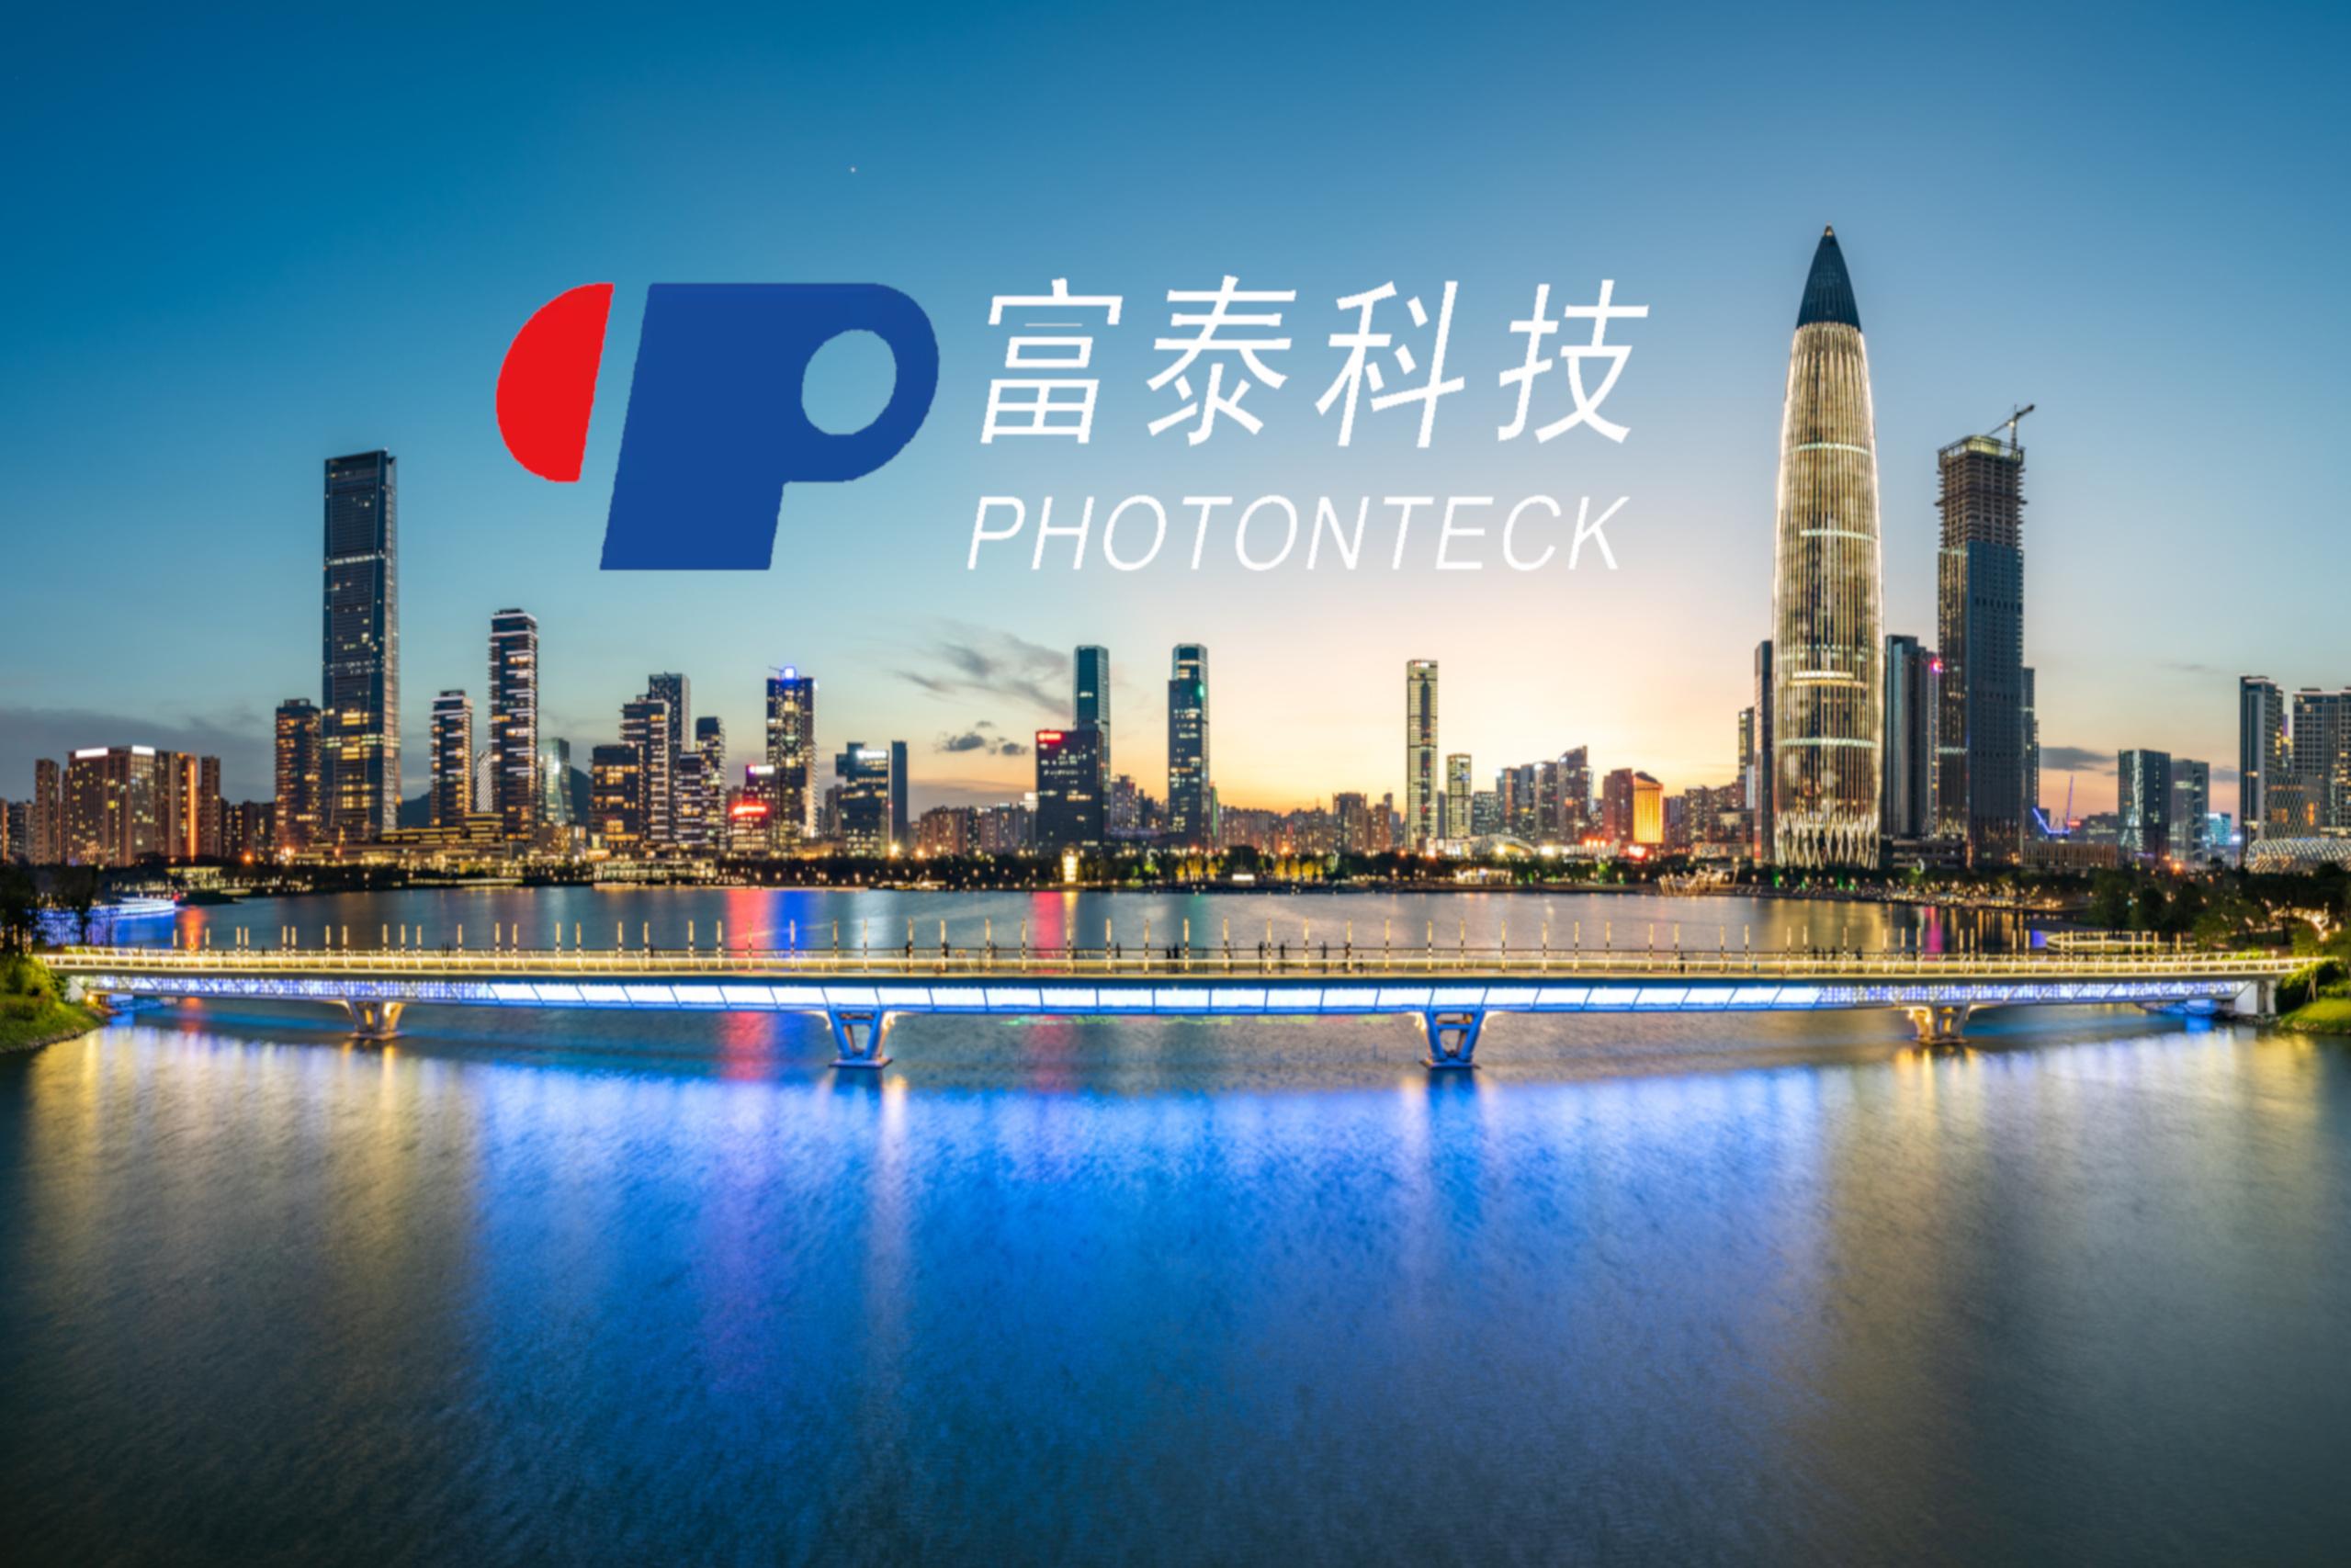 Photonteck Shenzhen